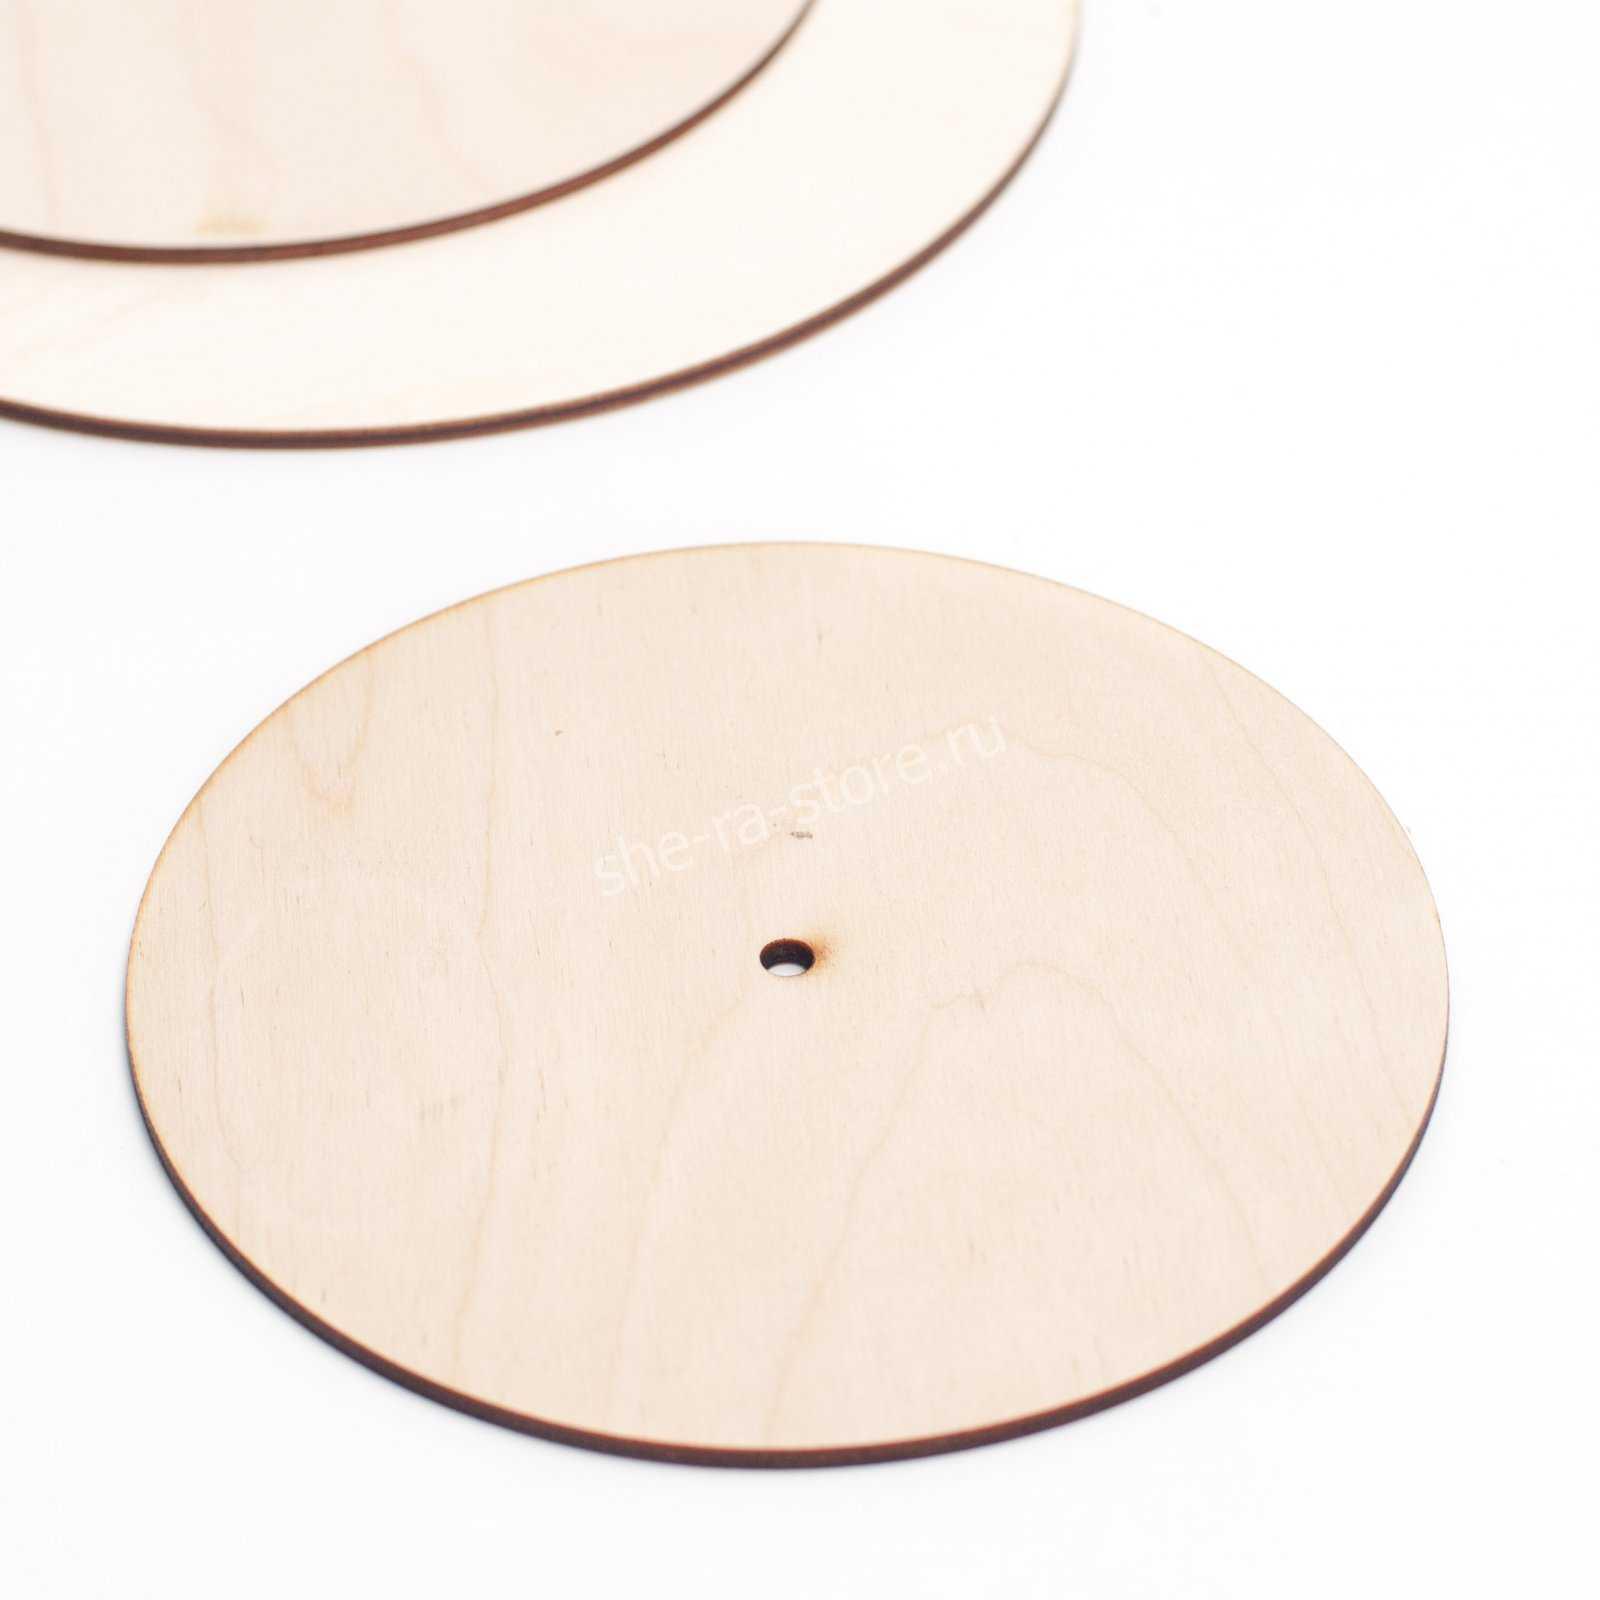 Подложка усиленная с отверстием для оси, диаметр 22см.